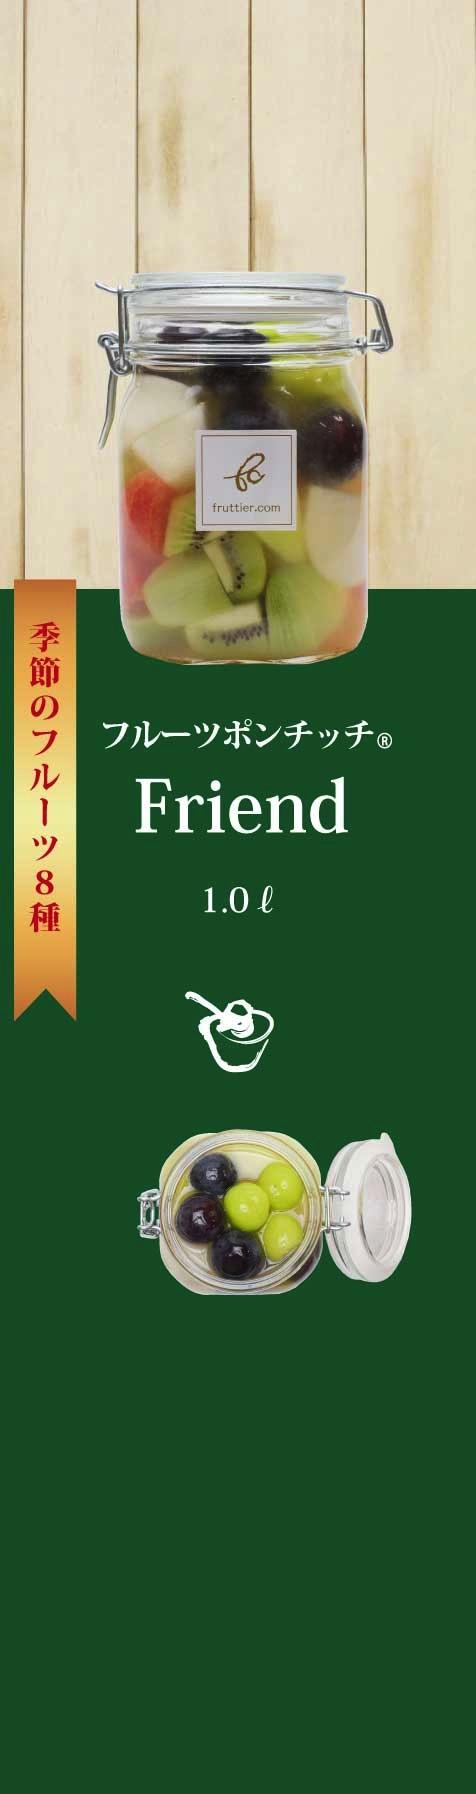 """フルーツポンチッチFriend""""ぶどう食べ比べ"""""""